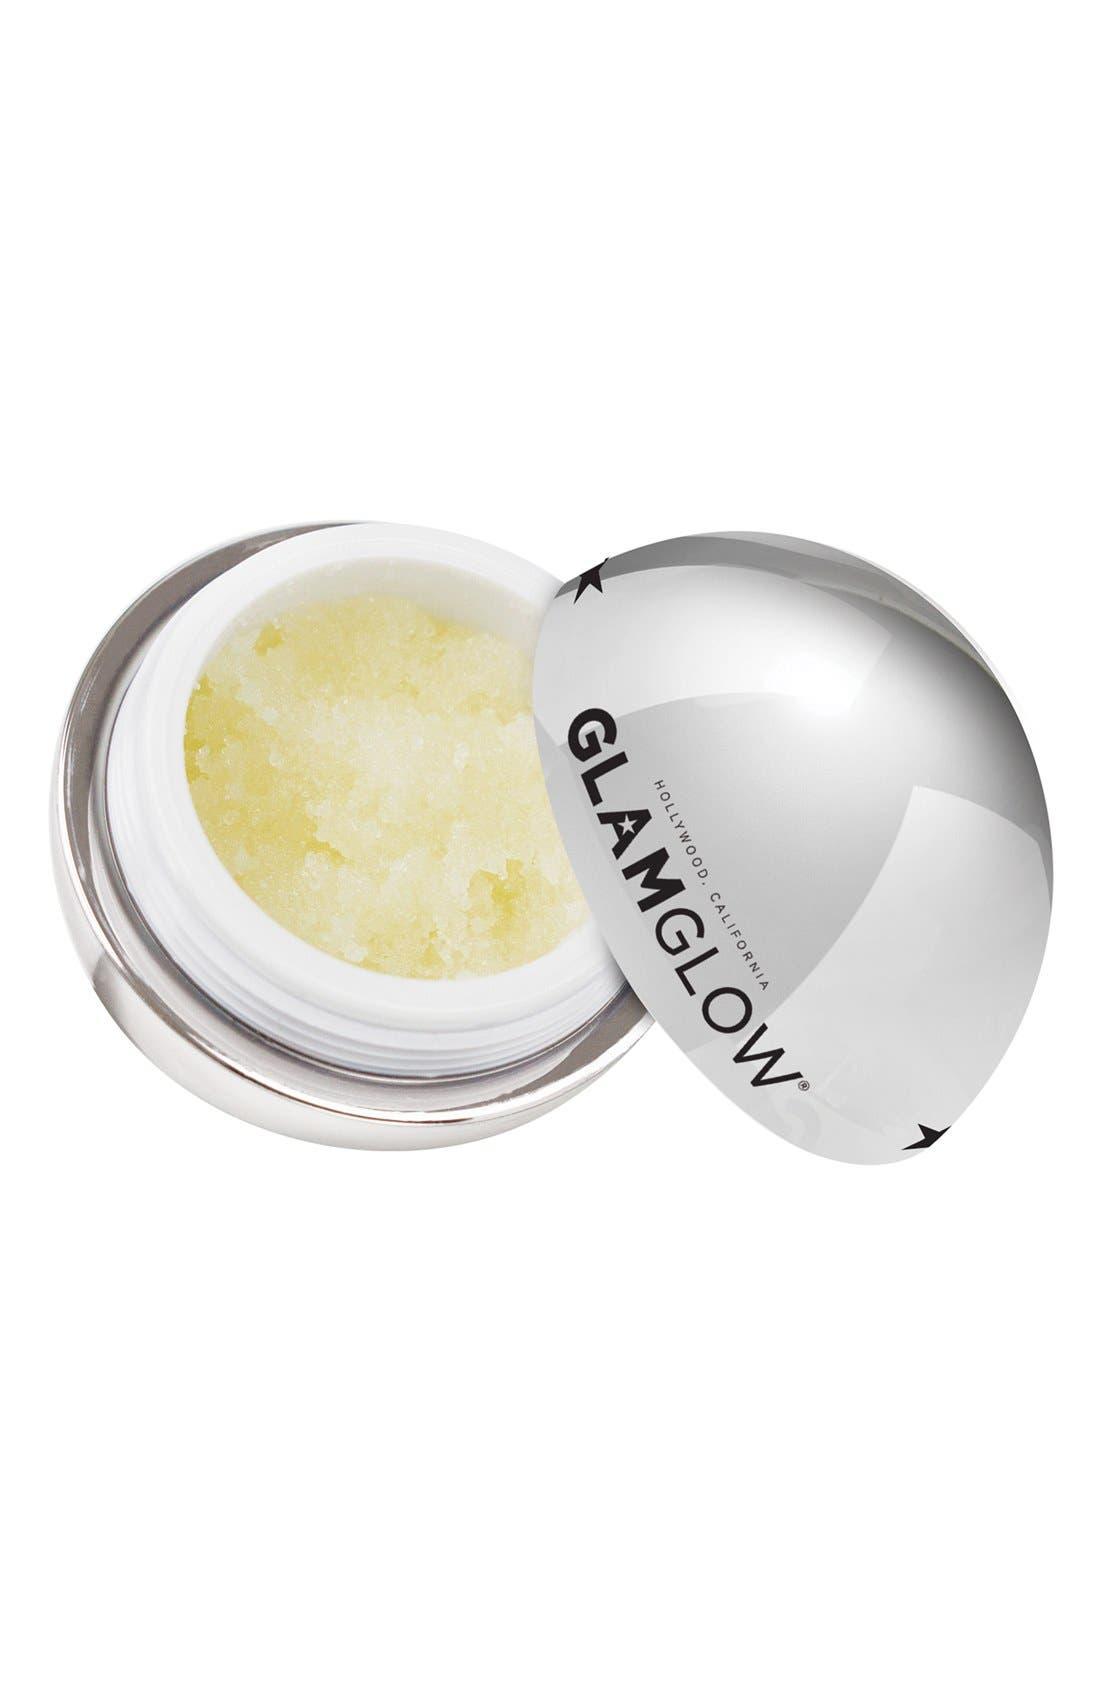 POUTMUD<sup>™</sup> Fizzy Lip Exfoliating Treatment,                         Main,                         color, NO COLOR